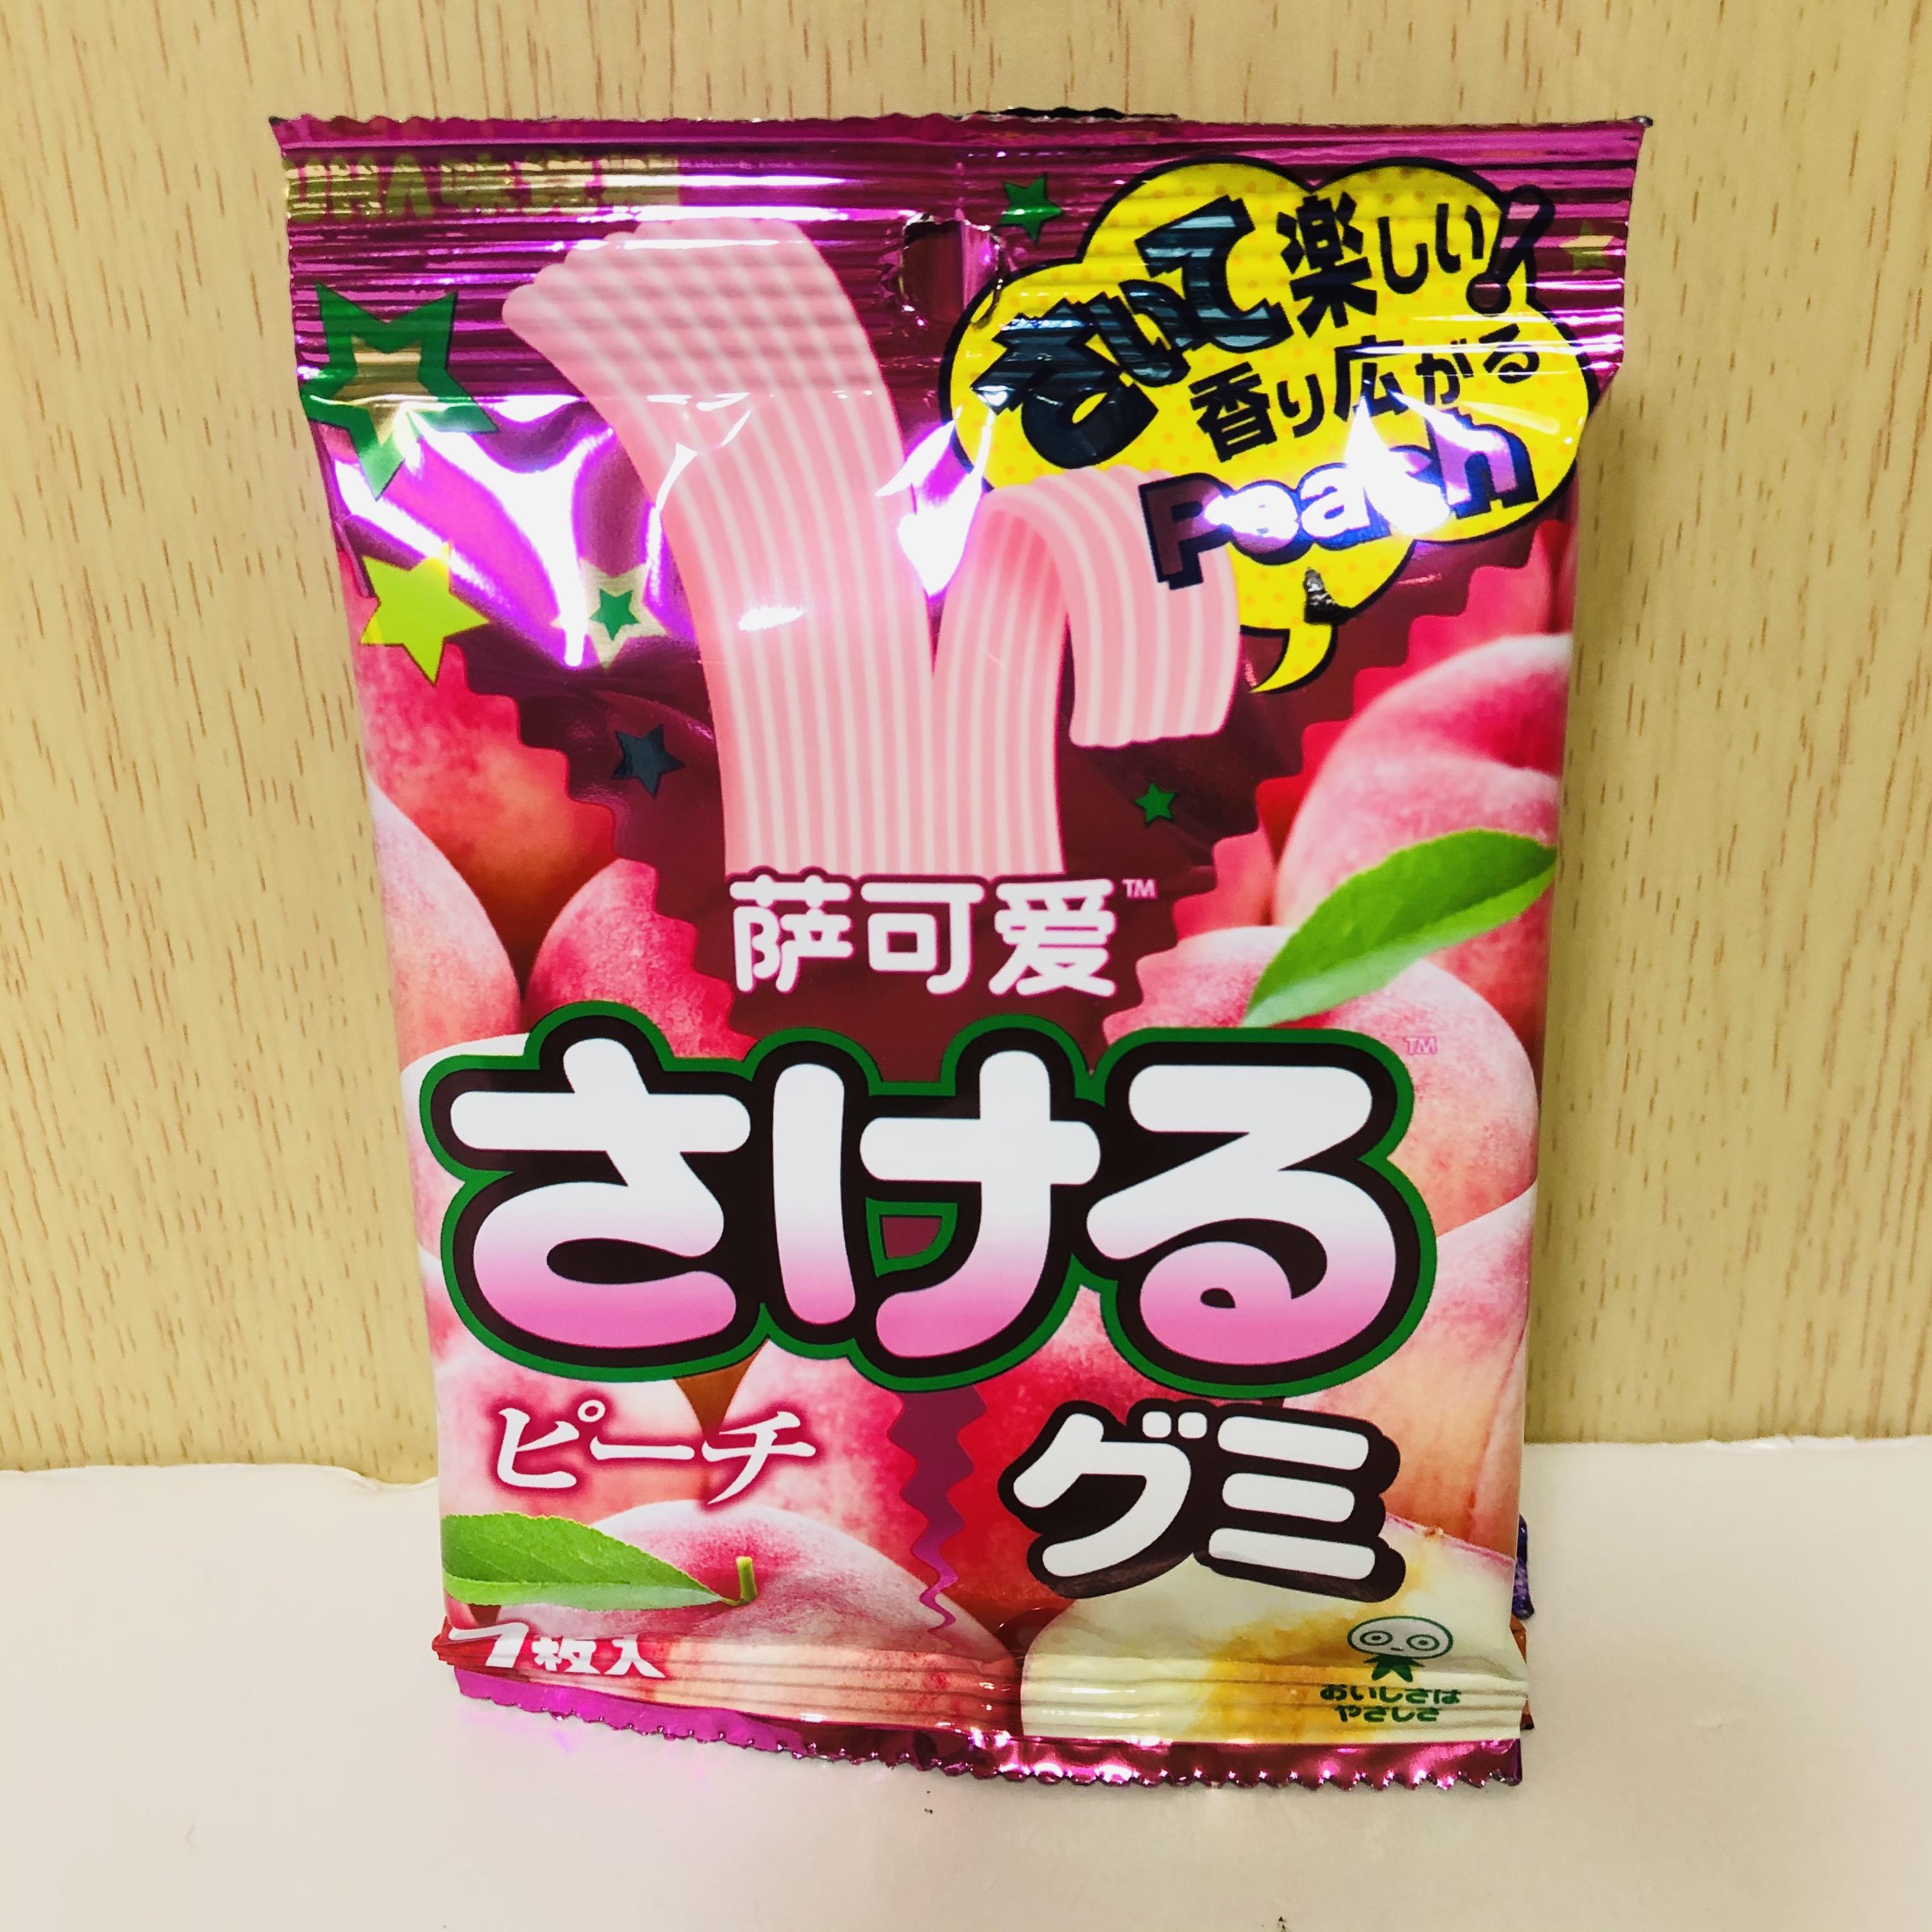 日本进口 萨可爱桃子味/葡萄味/乳酸菌味软糖32.9g糖果零食临期价